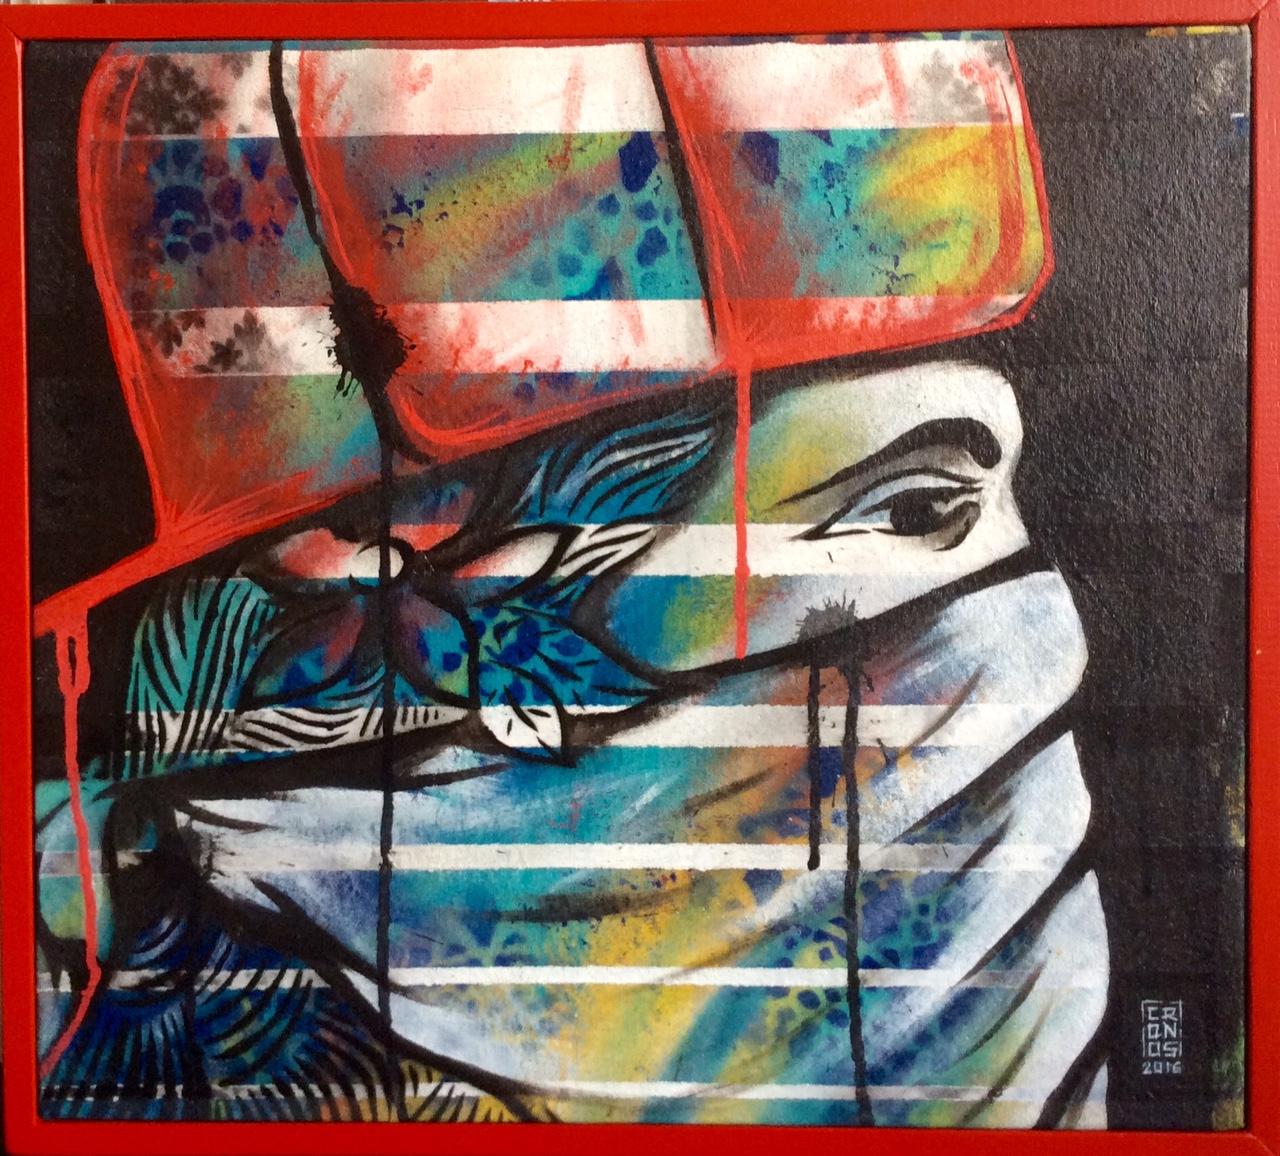 Le style de l'artiste est inspiré par la culture américaine, avec des touches locales, made in fenua.